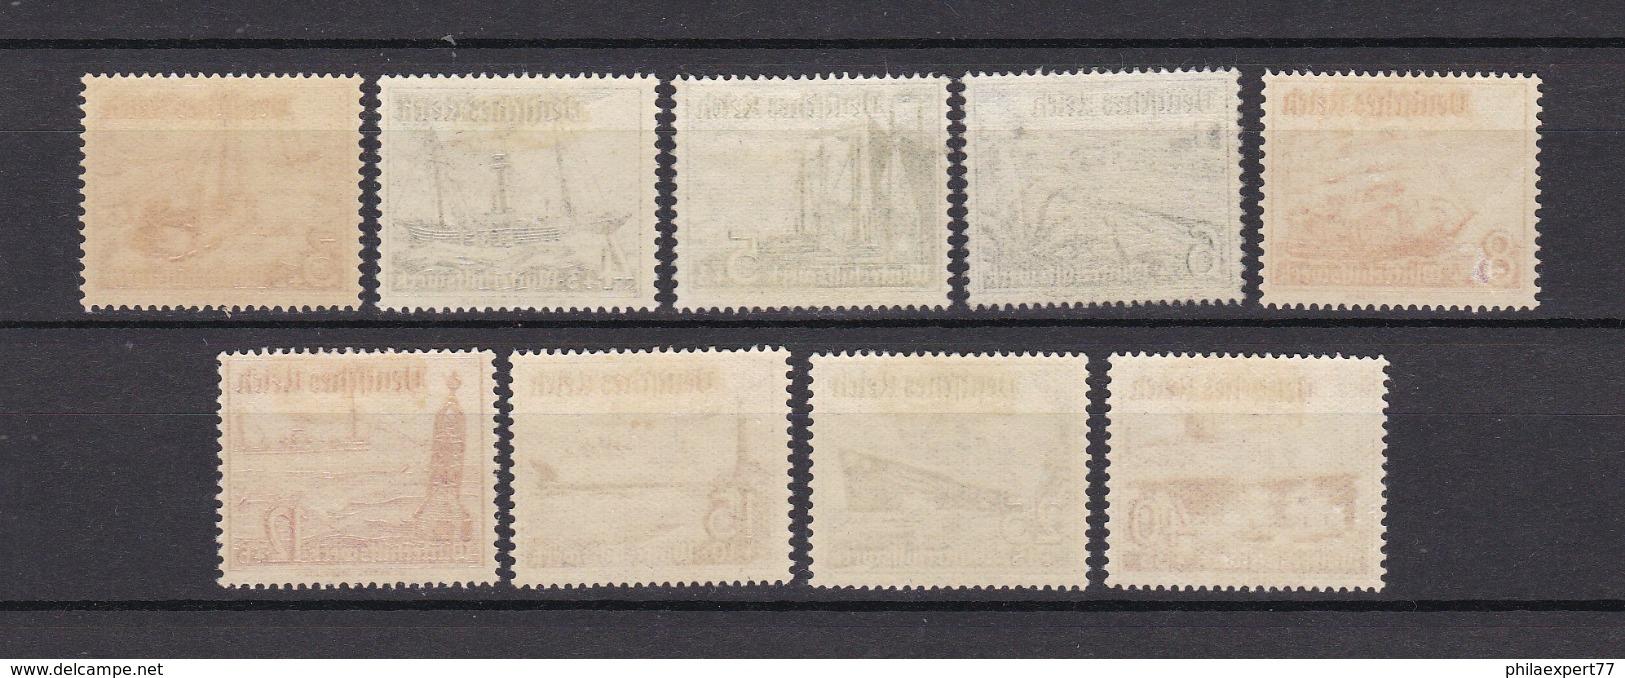 Deutsches Reich - 1937 - Michel Nr. 651/659 - Ungebr./Postfrisch - Germany